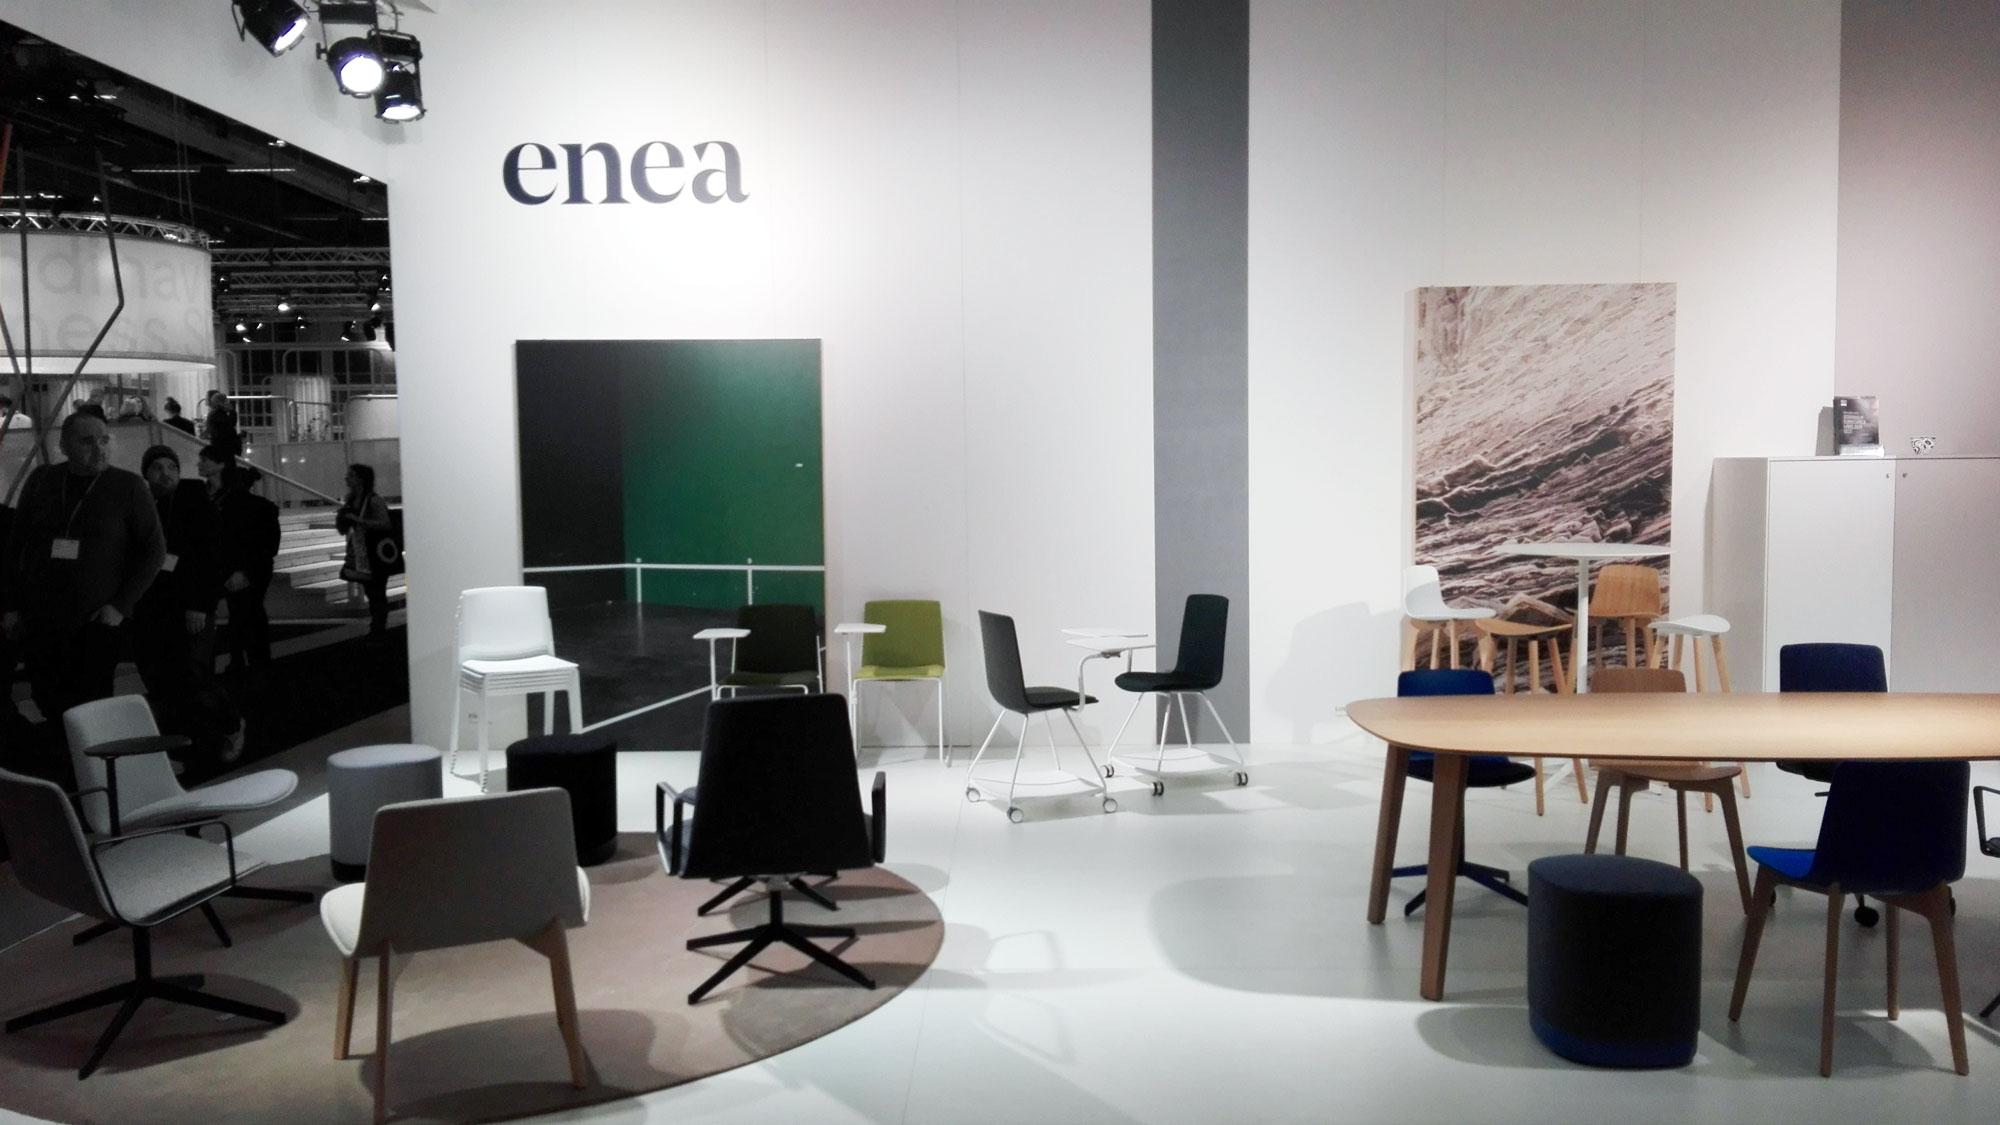 Superfolk A Stockholm Furniture Fair : Enea experience at stockholm furniture fair